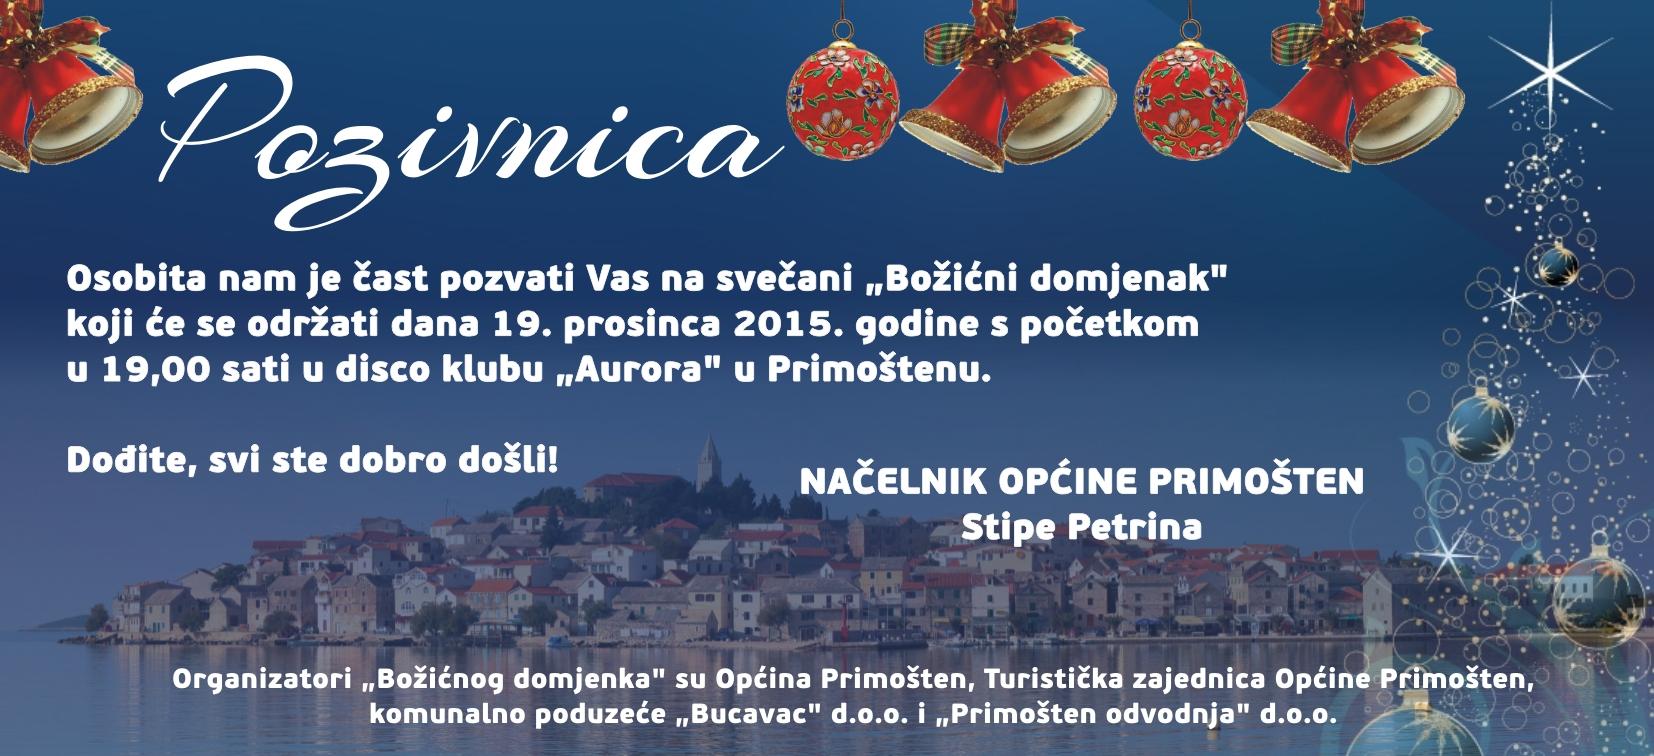 pozivnica božićni domjenak 2015